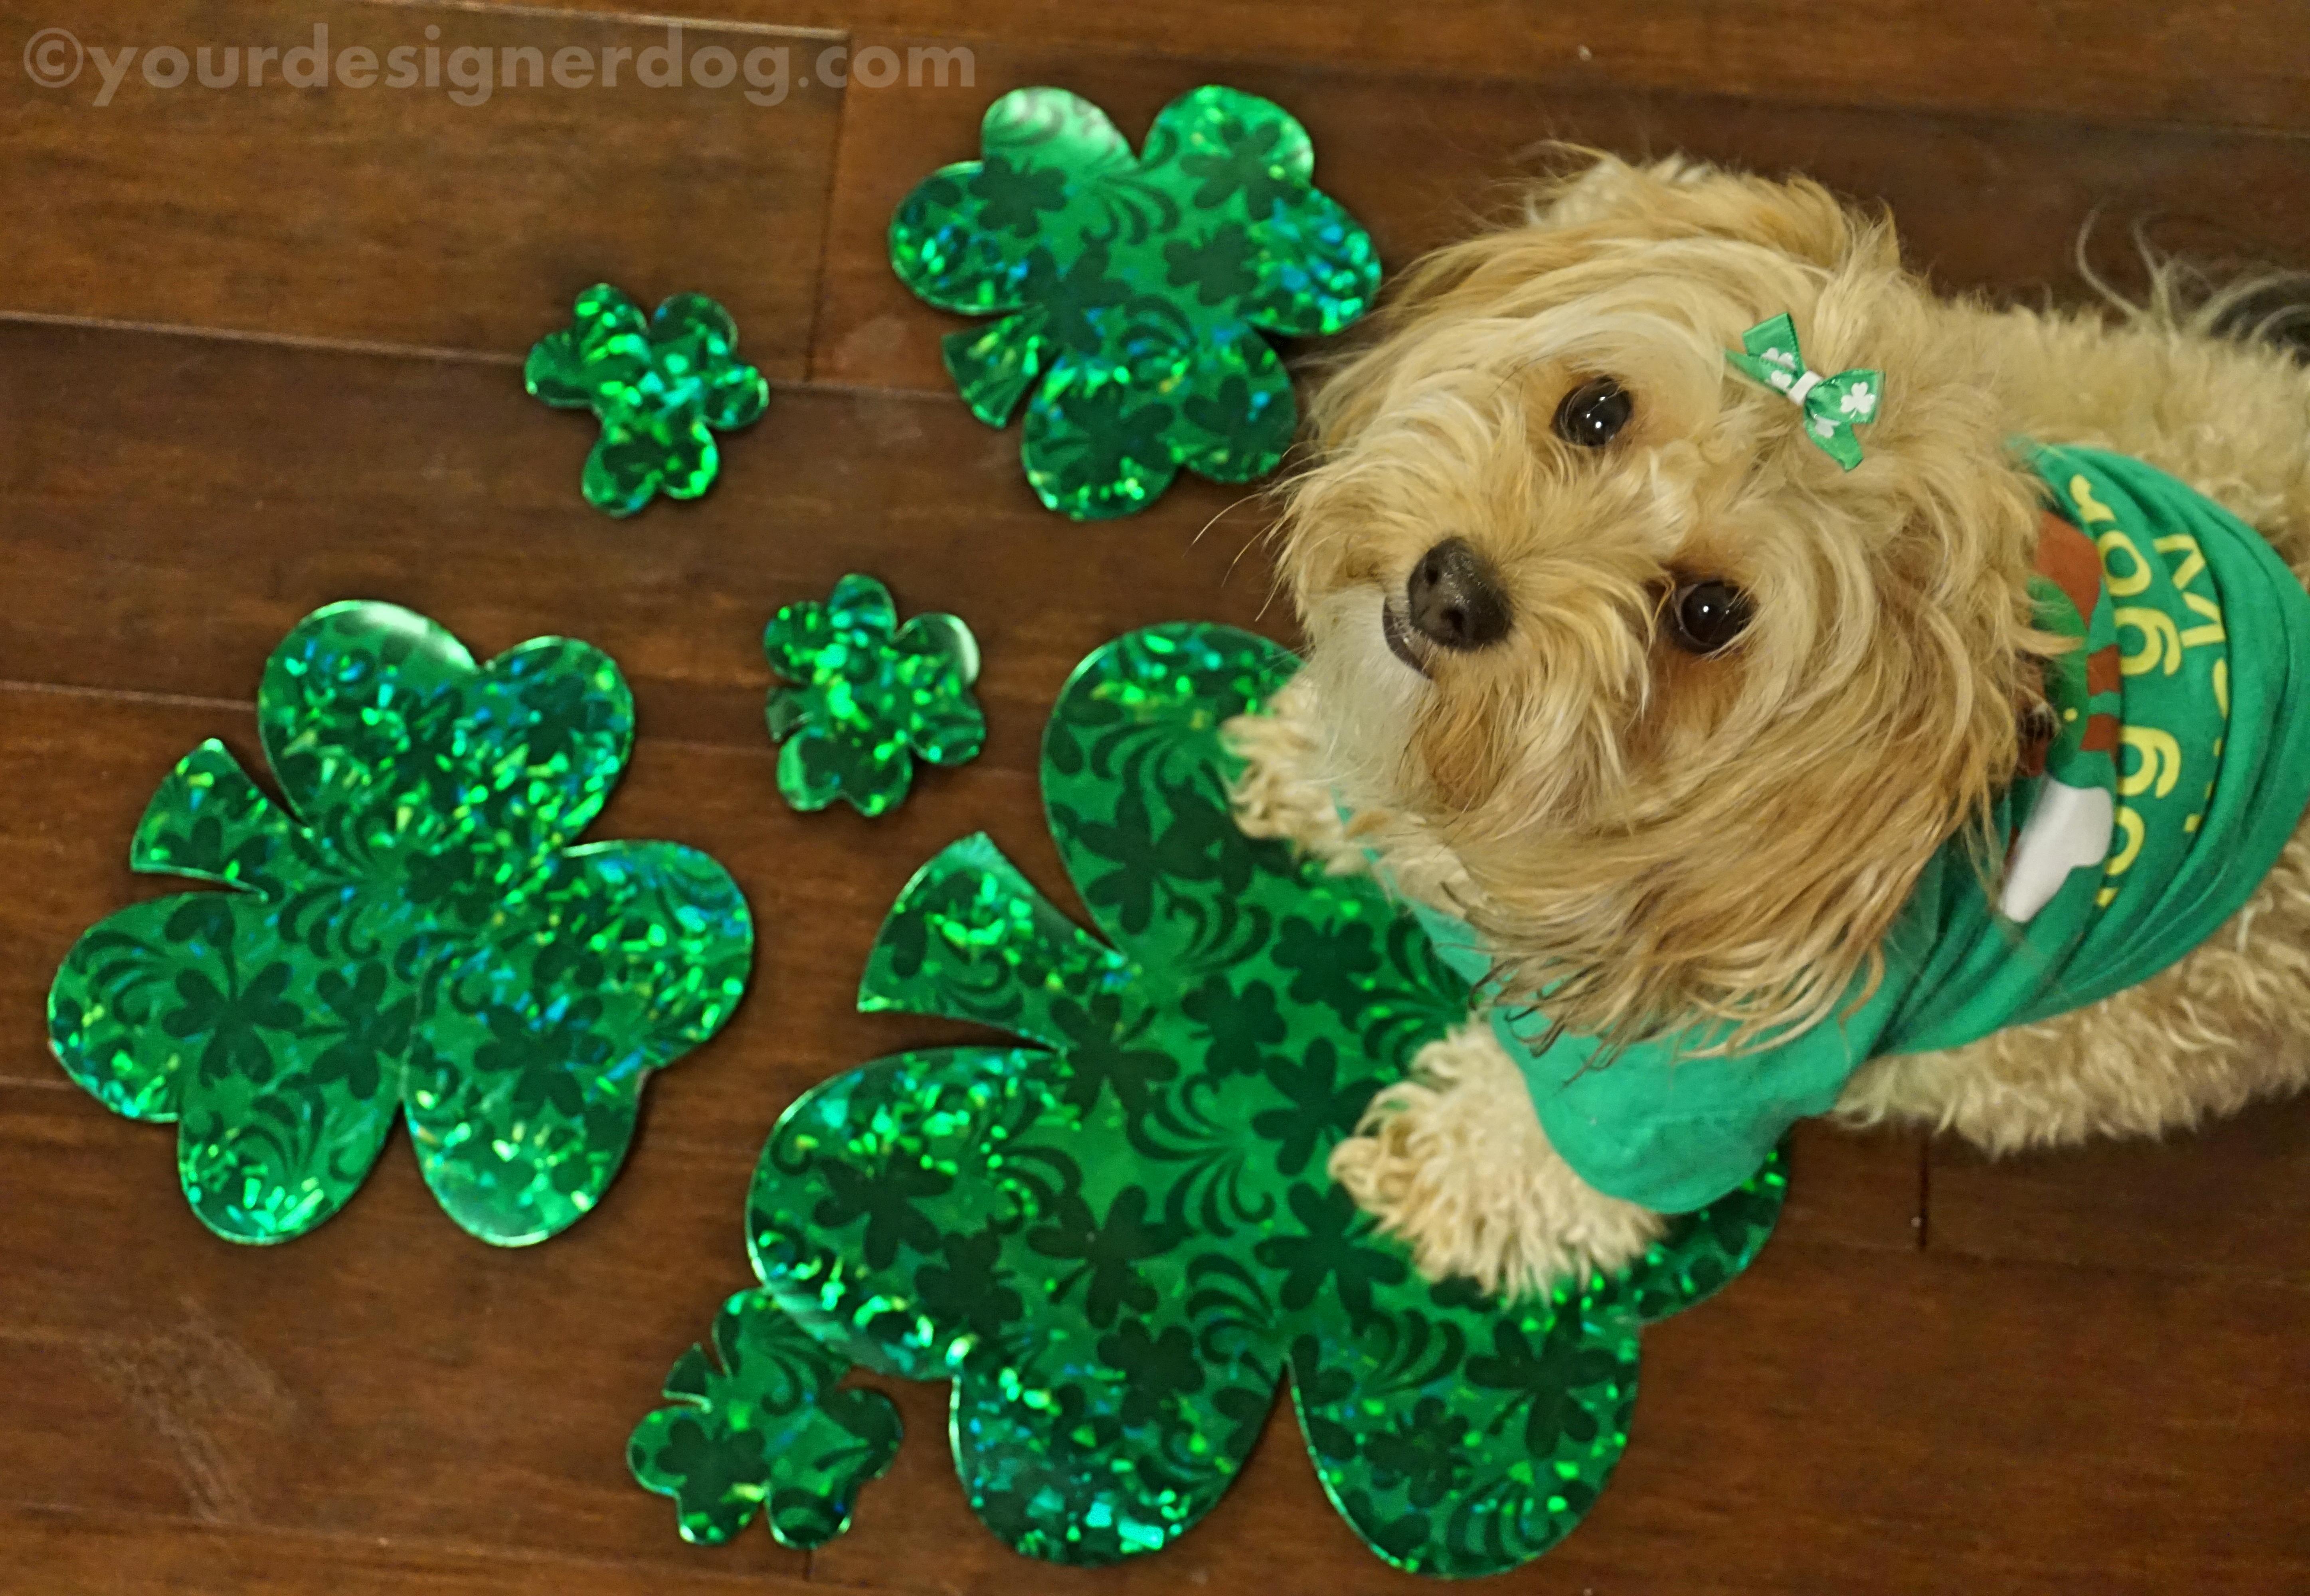 Happy St. Patrick's Day 2015!